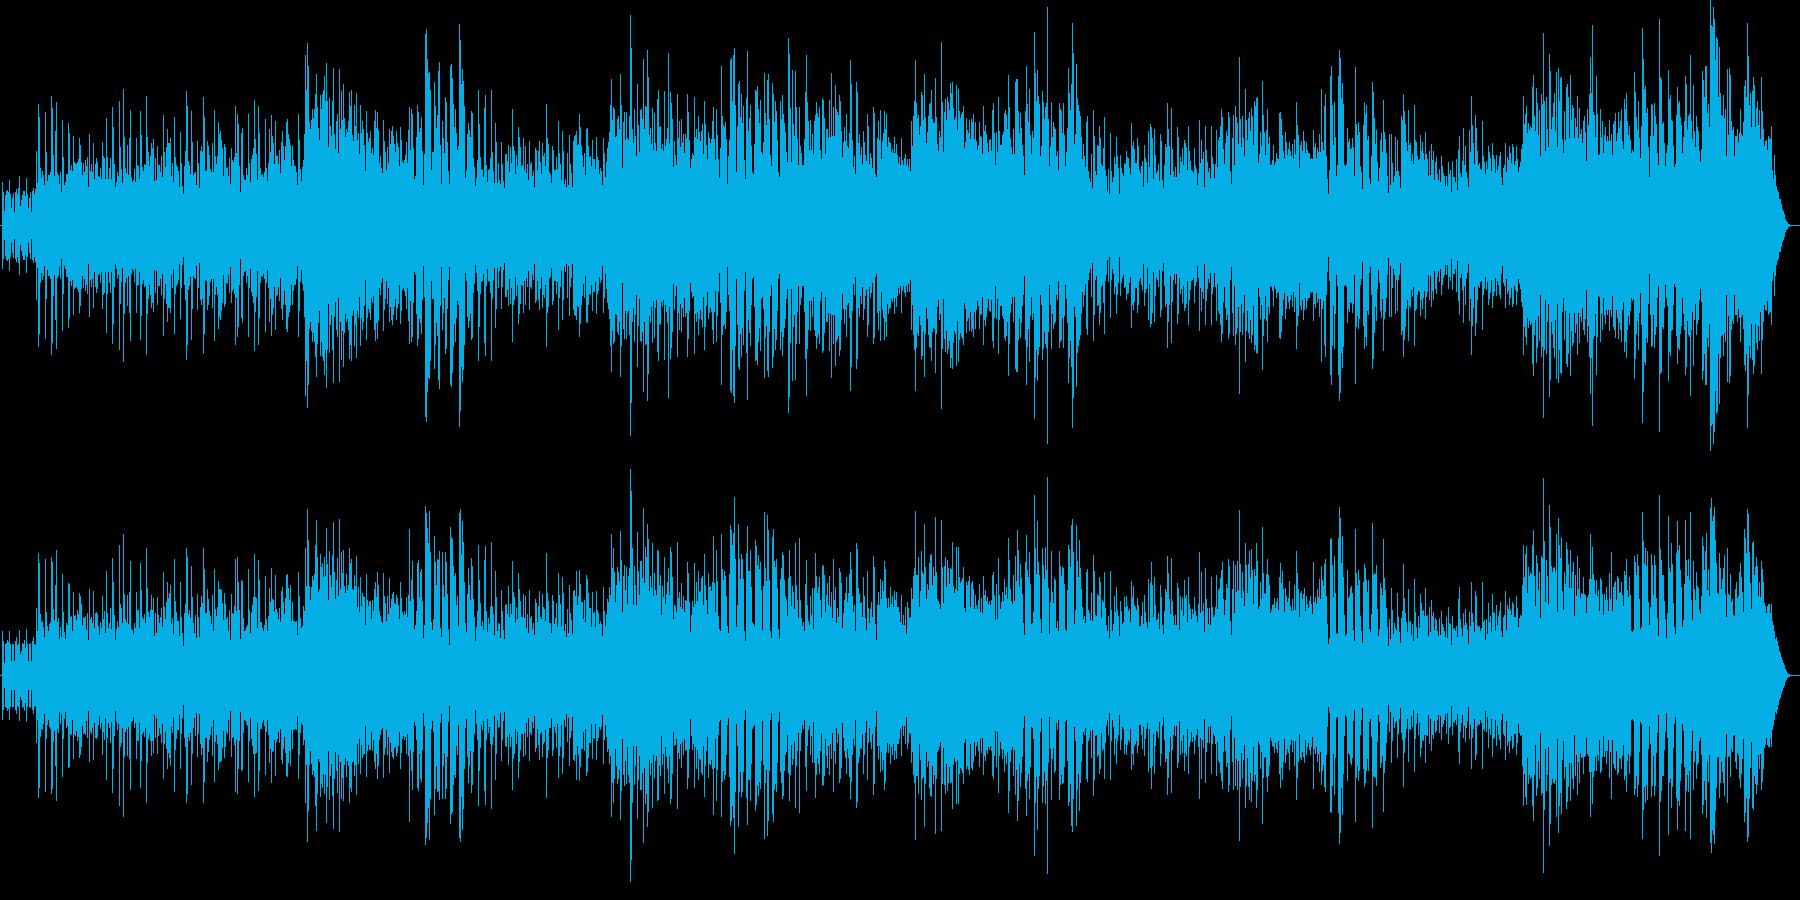 サンバ 爽やかでグルーヴィーな ボサノバの再生済みの波形